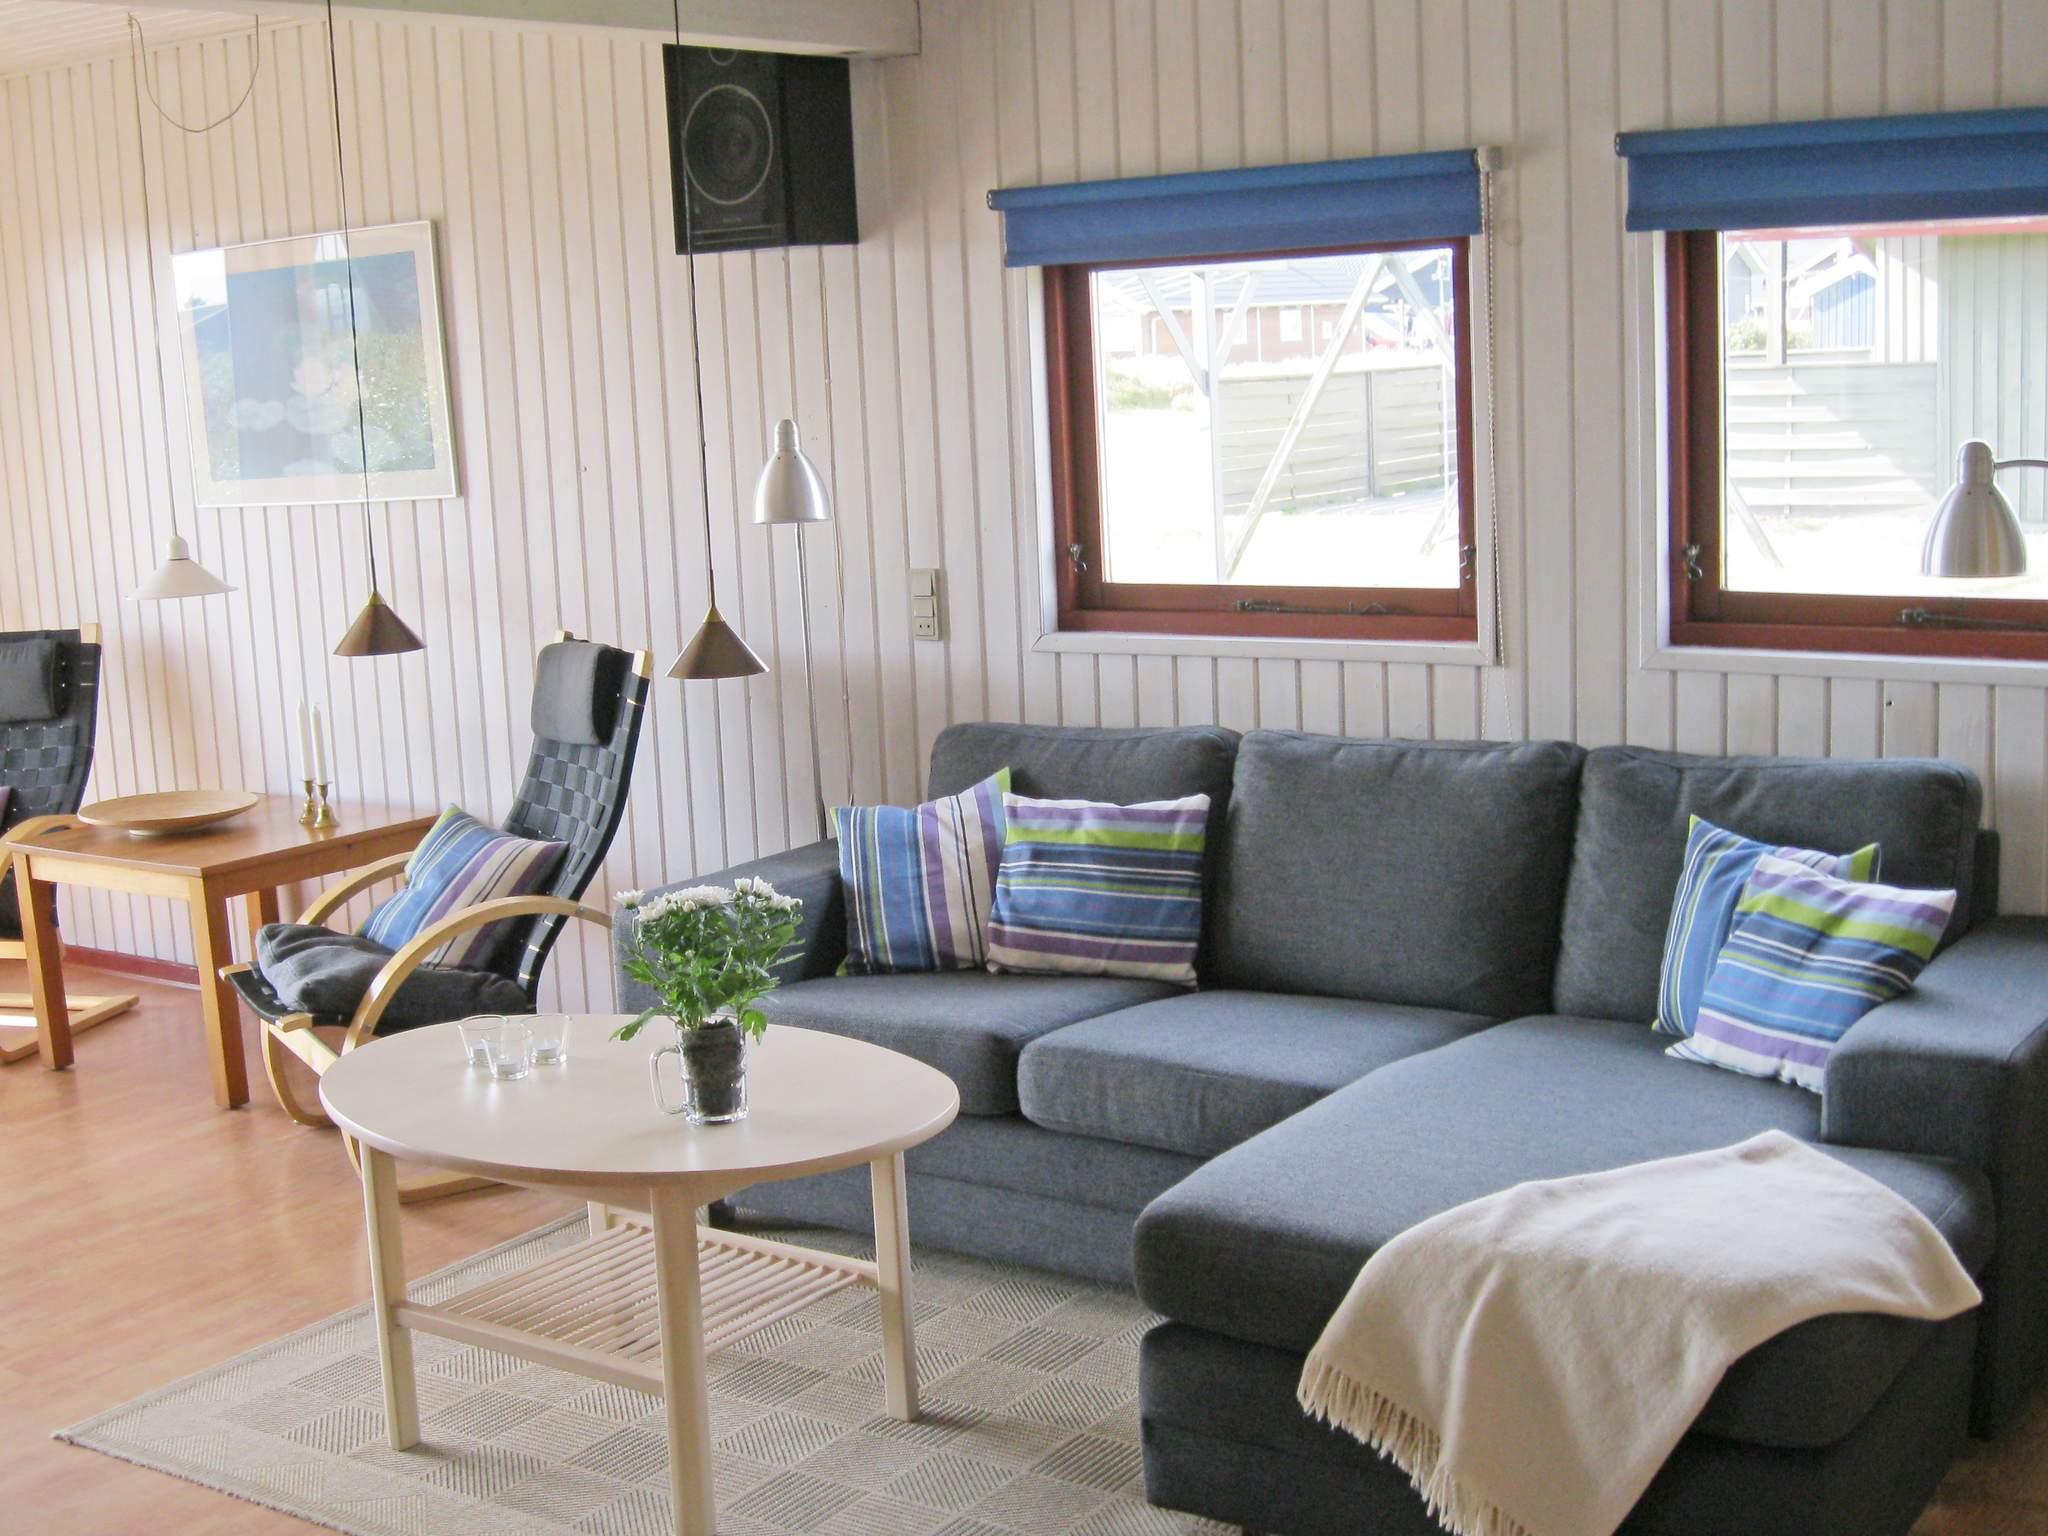 Ferienhaus Vejlby Klit (89175), Harboøre, , Limfjord, Dänemark, Bild 2